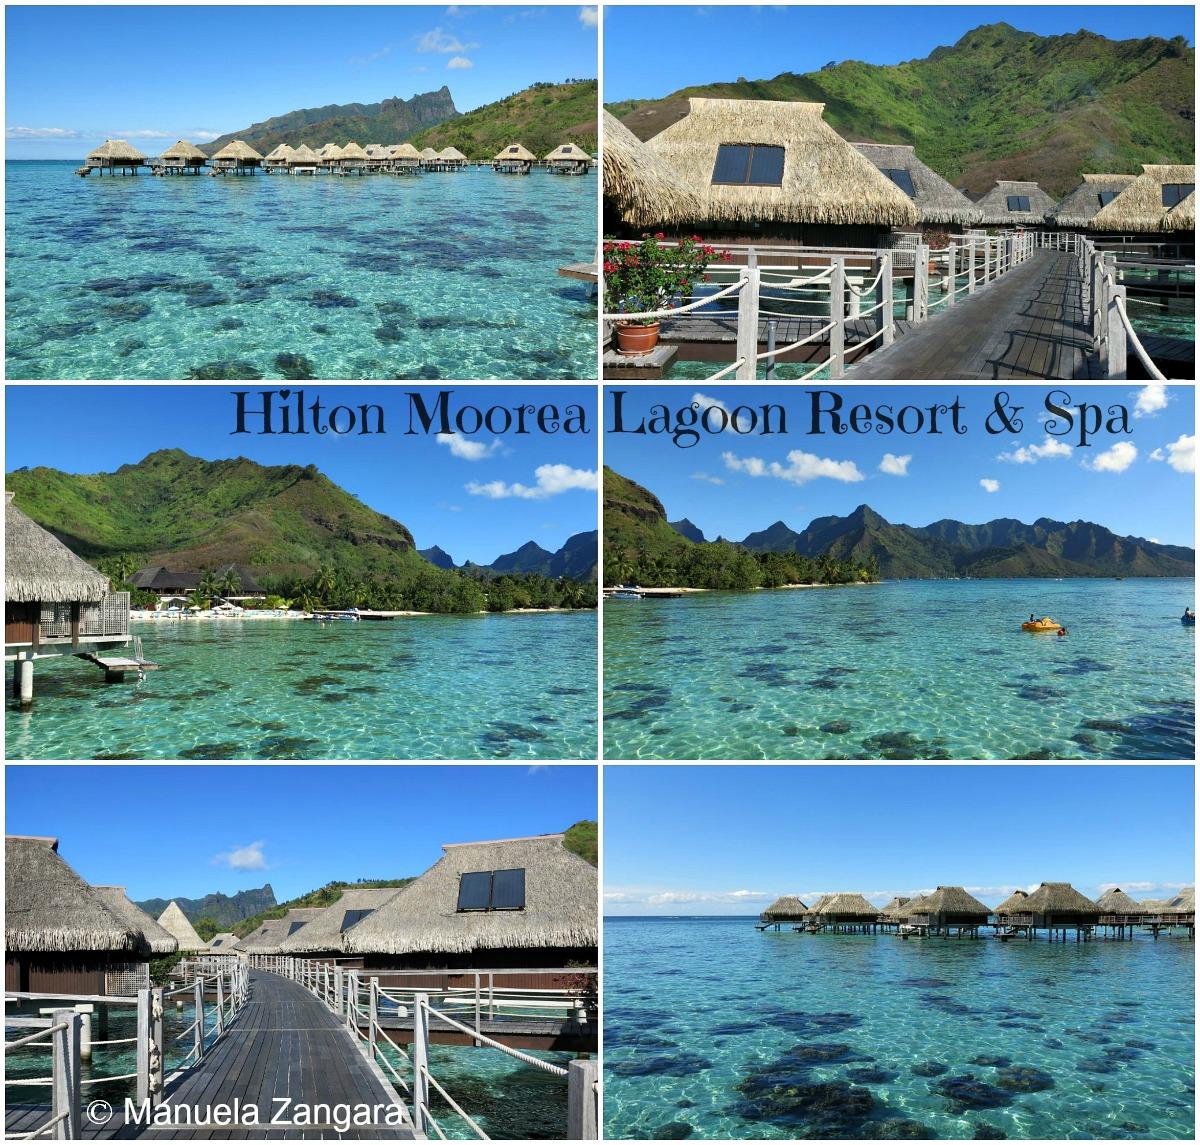 Hilton Moorea 4